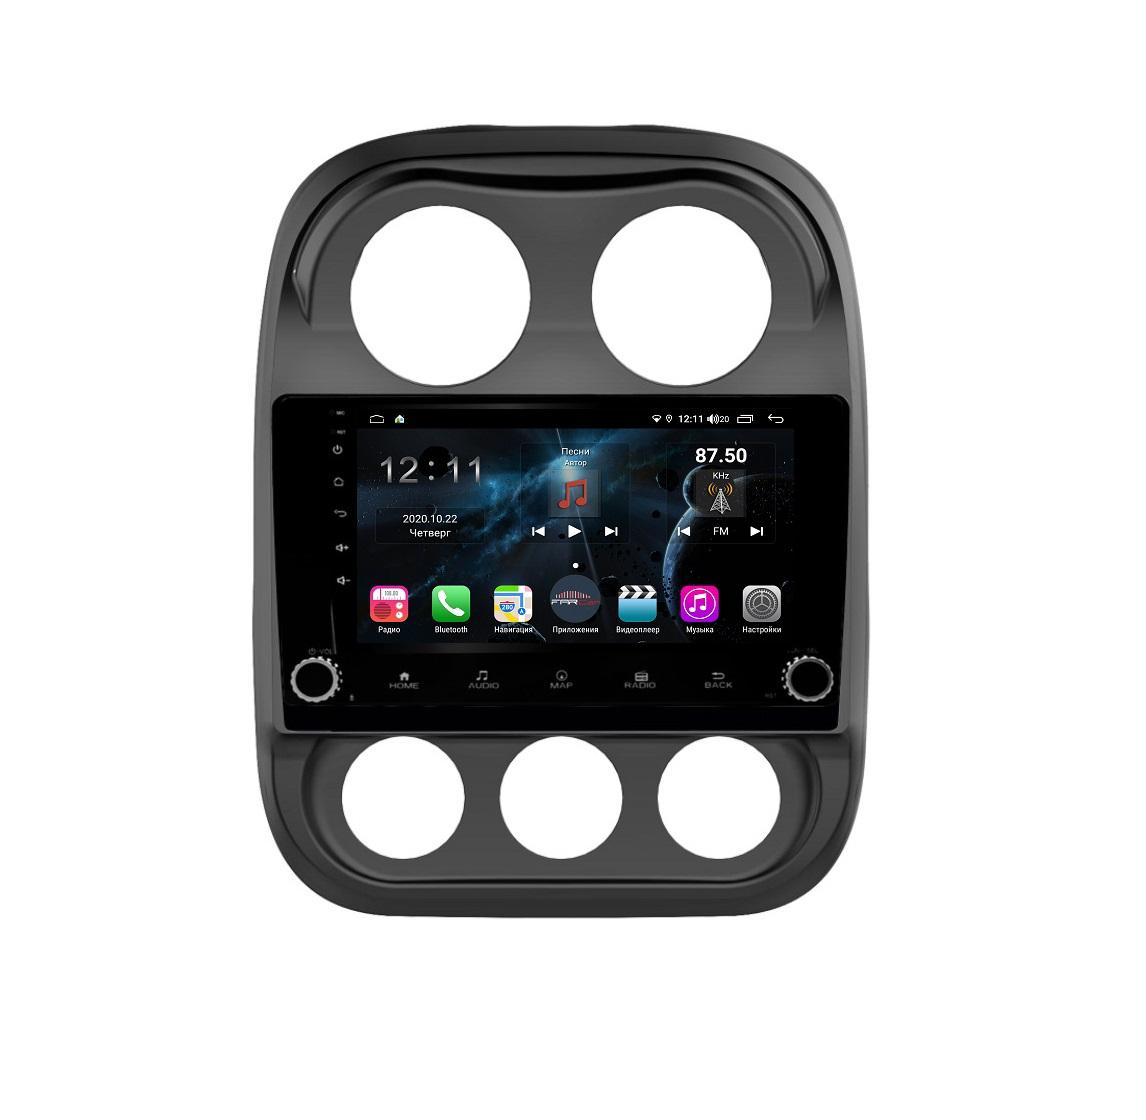 Штатная магнитола FarCar s400 для Jeep Compass на Android (H1078RB) (+ Камера заднего вида в подарок!)